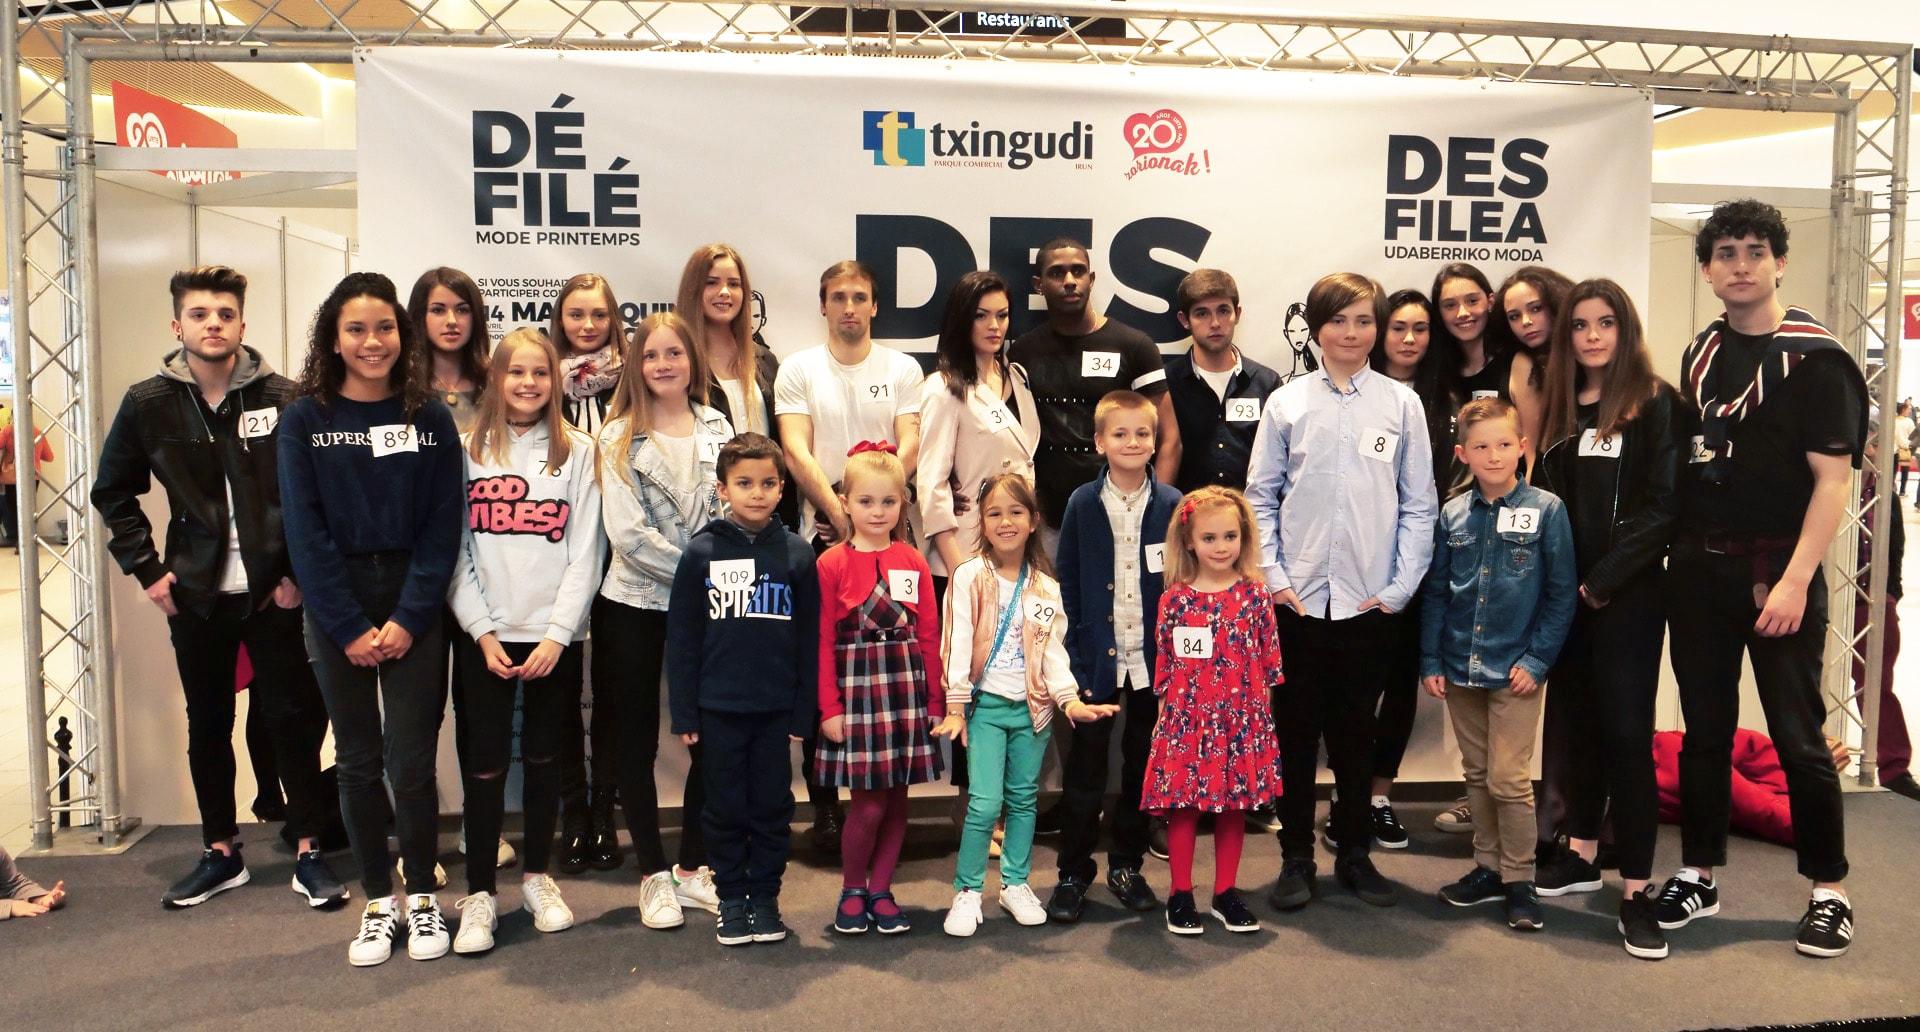 Voici les gagnants du casting pour le défilé de Mode Printemps de Txingudi !